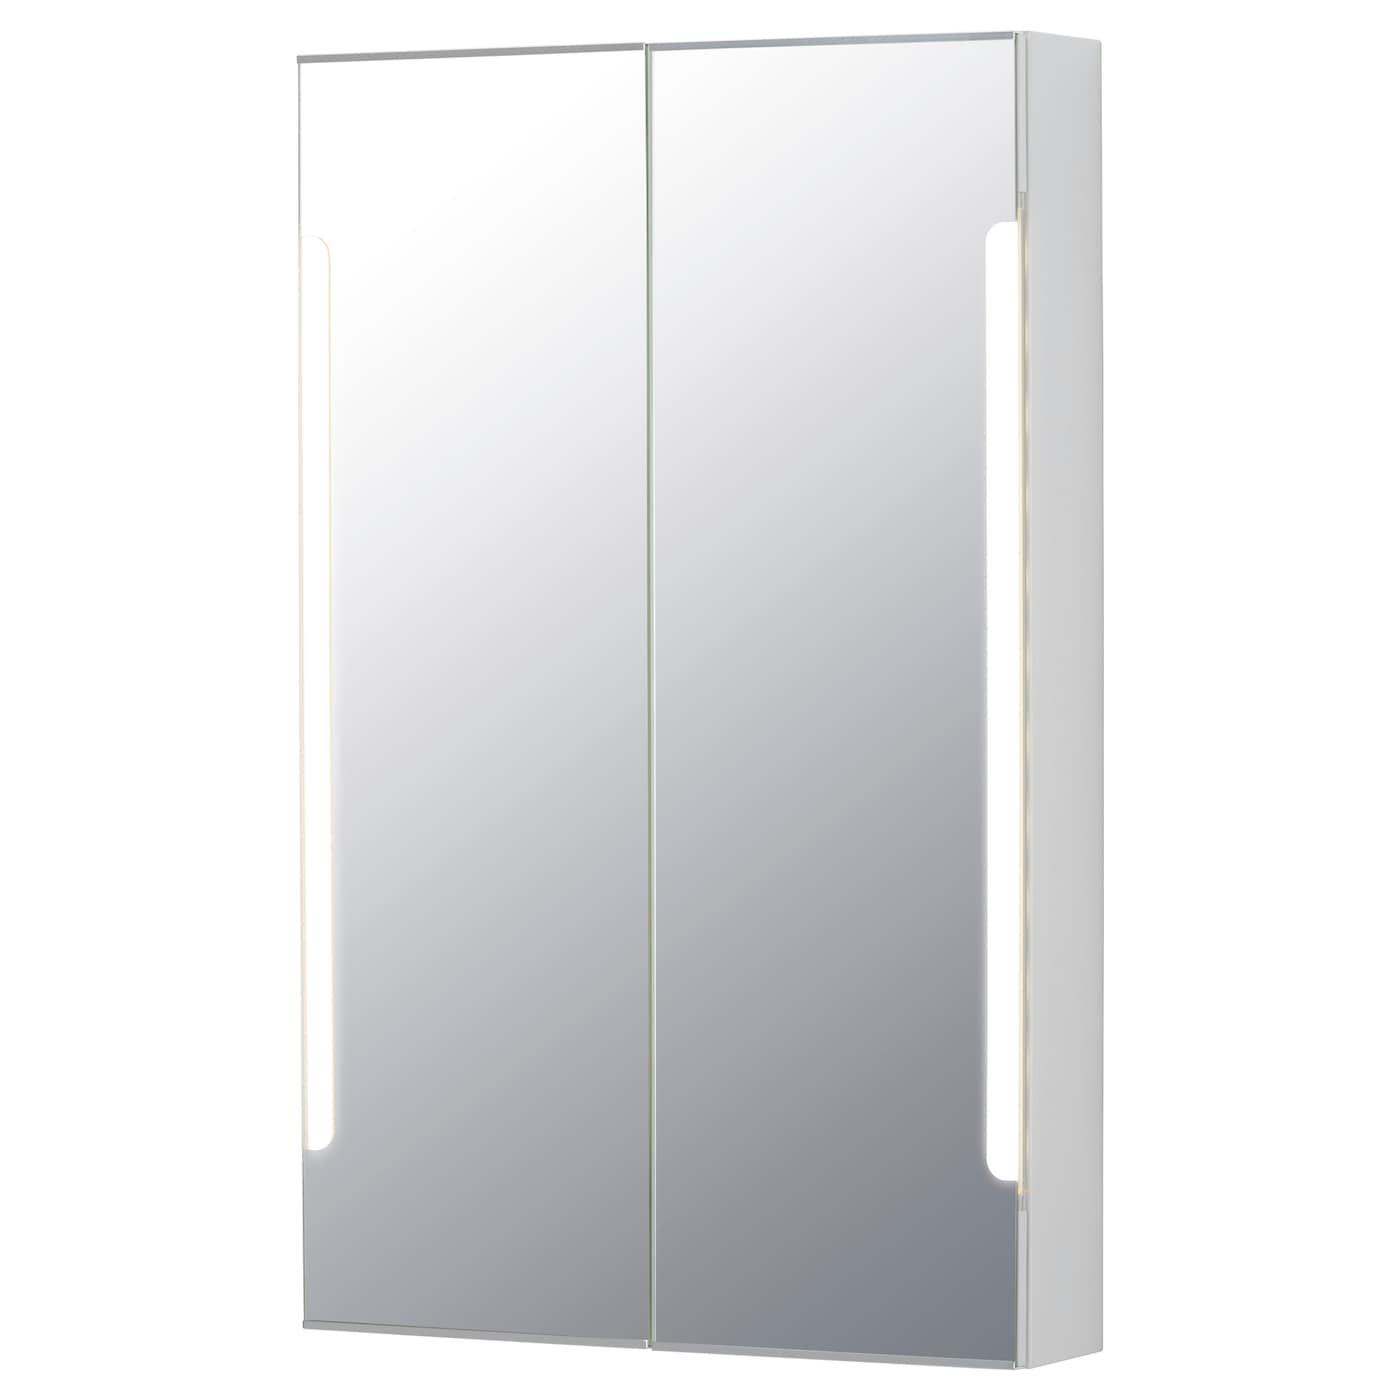 STORJORM, Spiegelschrank m. 2 Türen+int. Bel., weiß, A+ 402.481.22